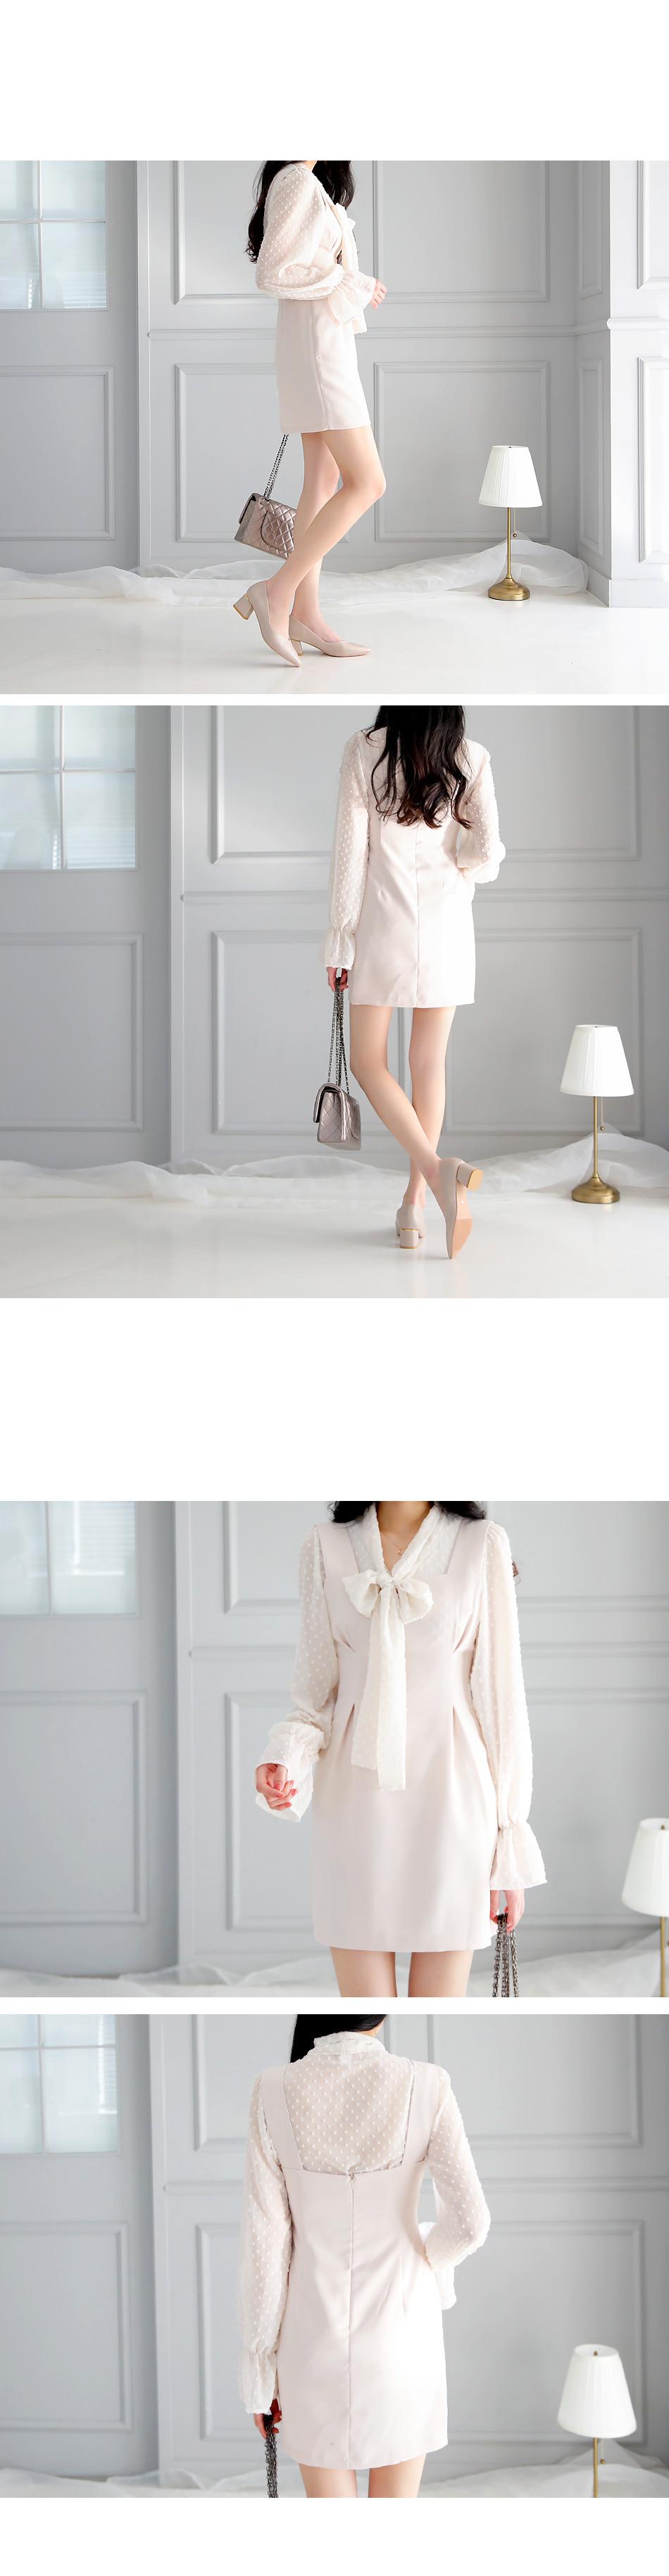 Melroe bustier dress